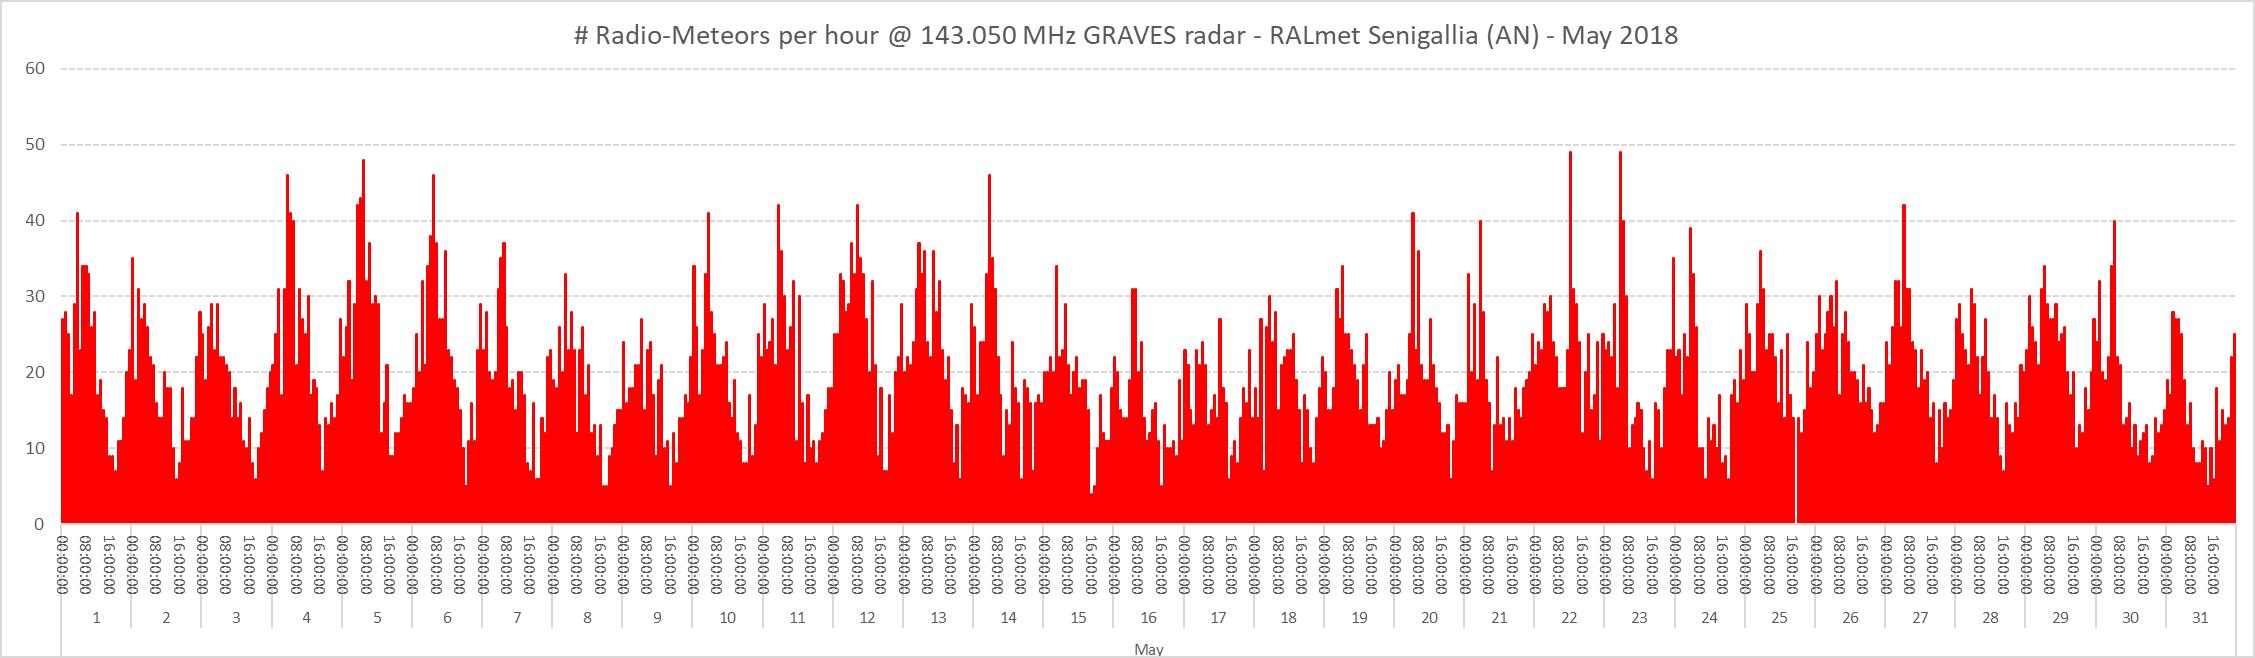 Conteggio del numero di radio-meteore per ora nel mese di Maggio 2018.